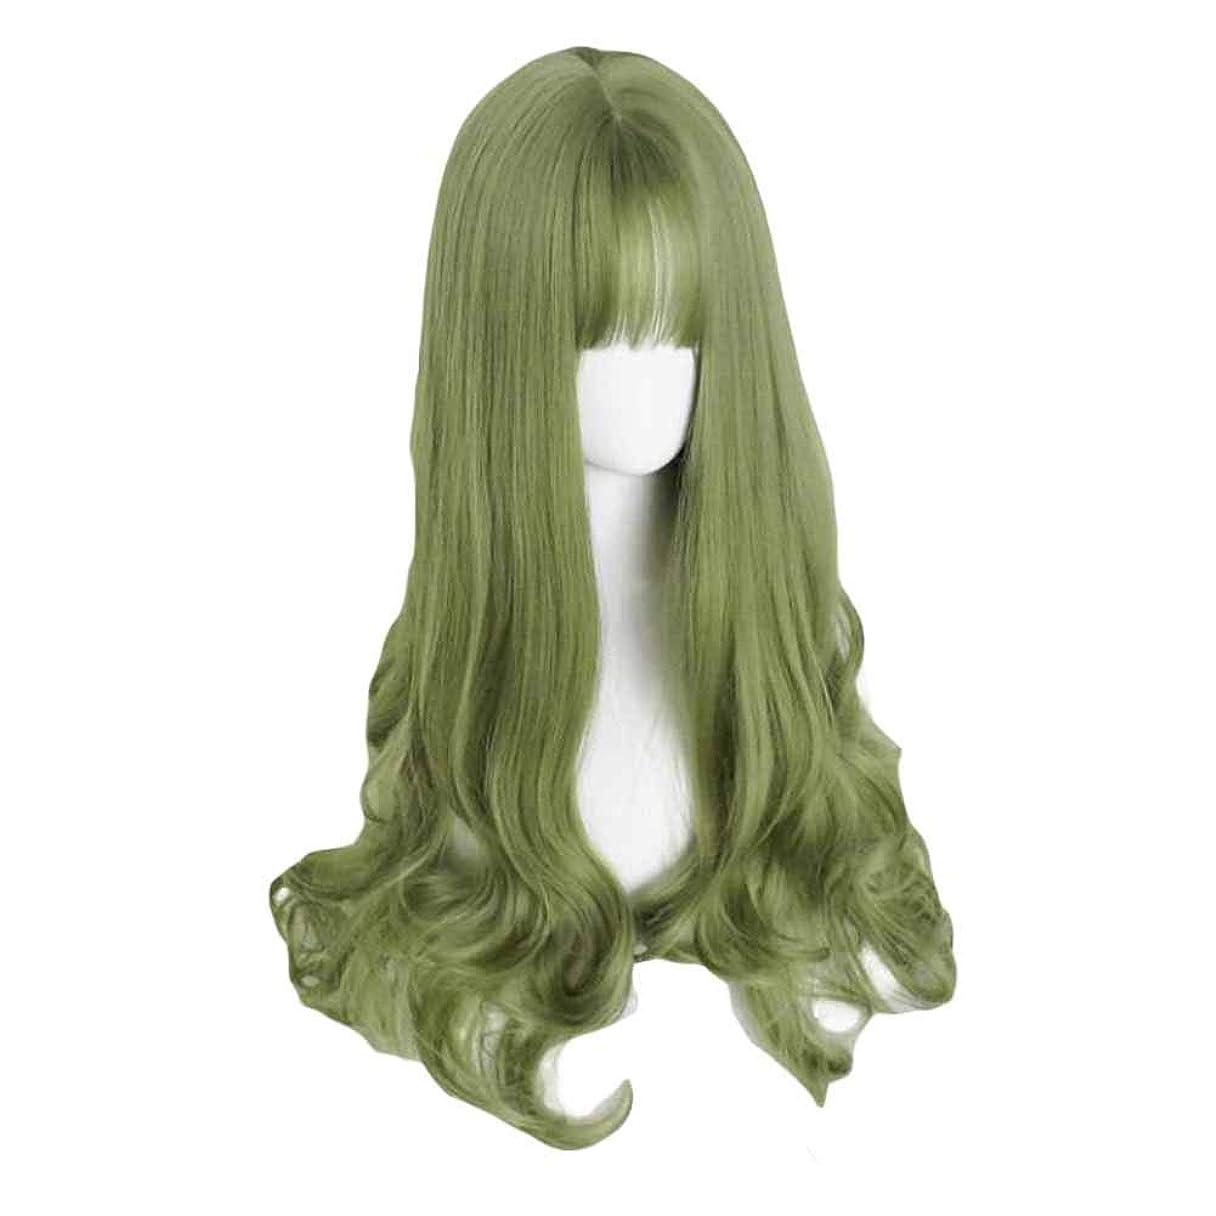 十分ではない裁量球状65 cmグリーンフルウィッグロングカーリーウェーブ合成ヘアウィッグコスプレウィッグコスチューム